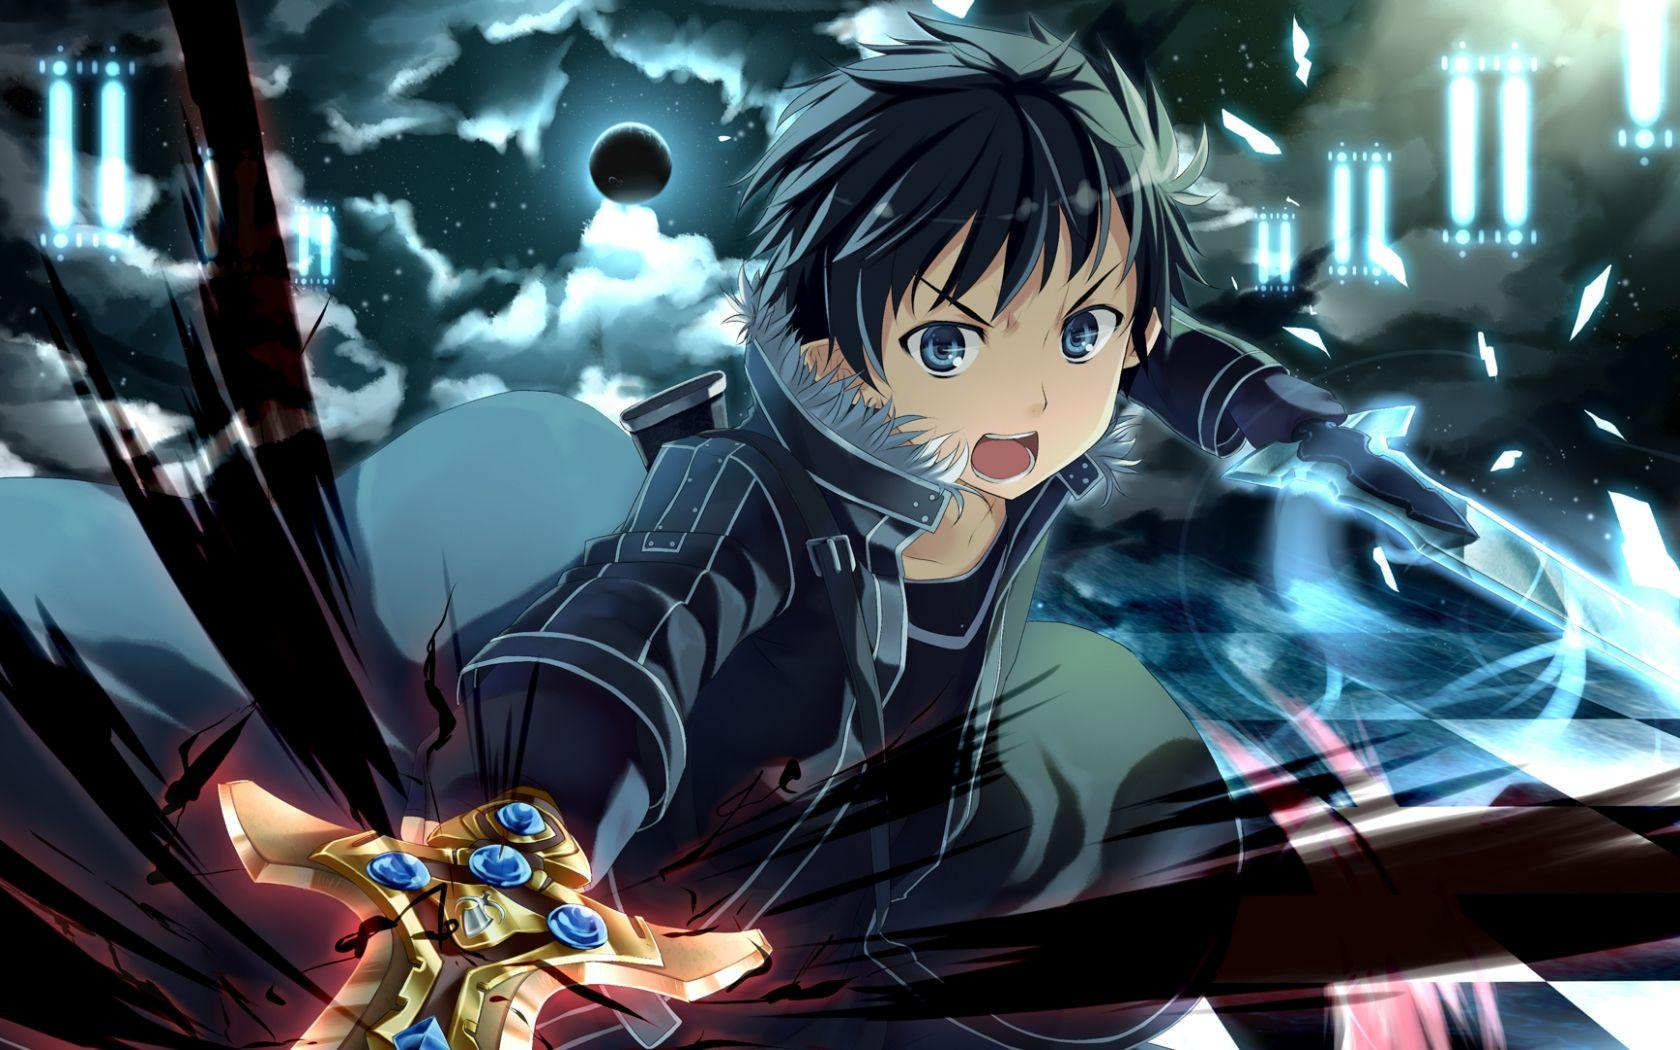 Sword Art Online Hd Wallpapers Wallpaper Cave